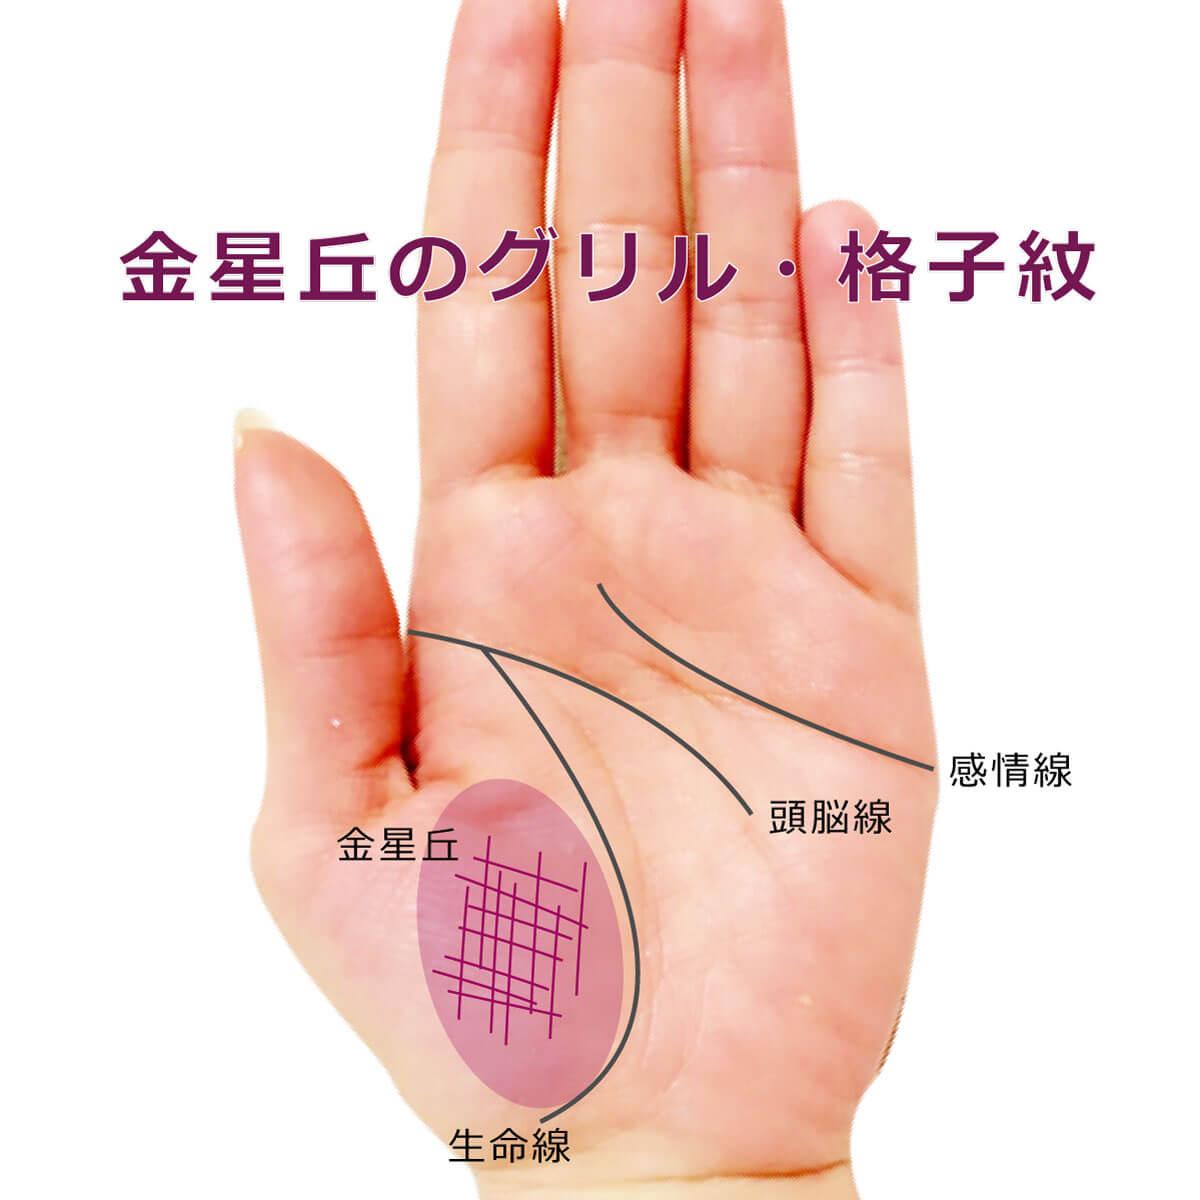 親指 の 付け根